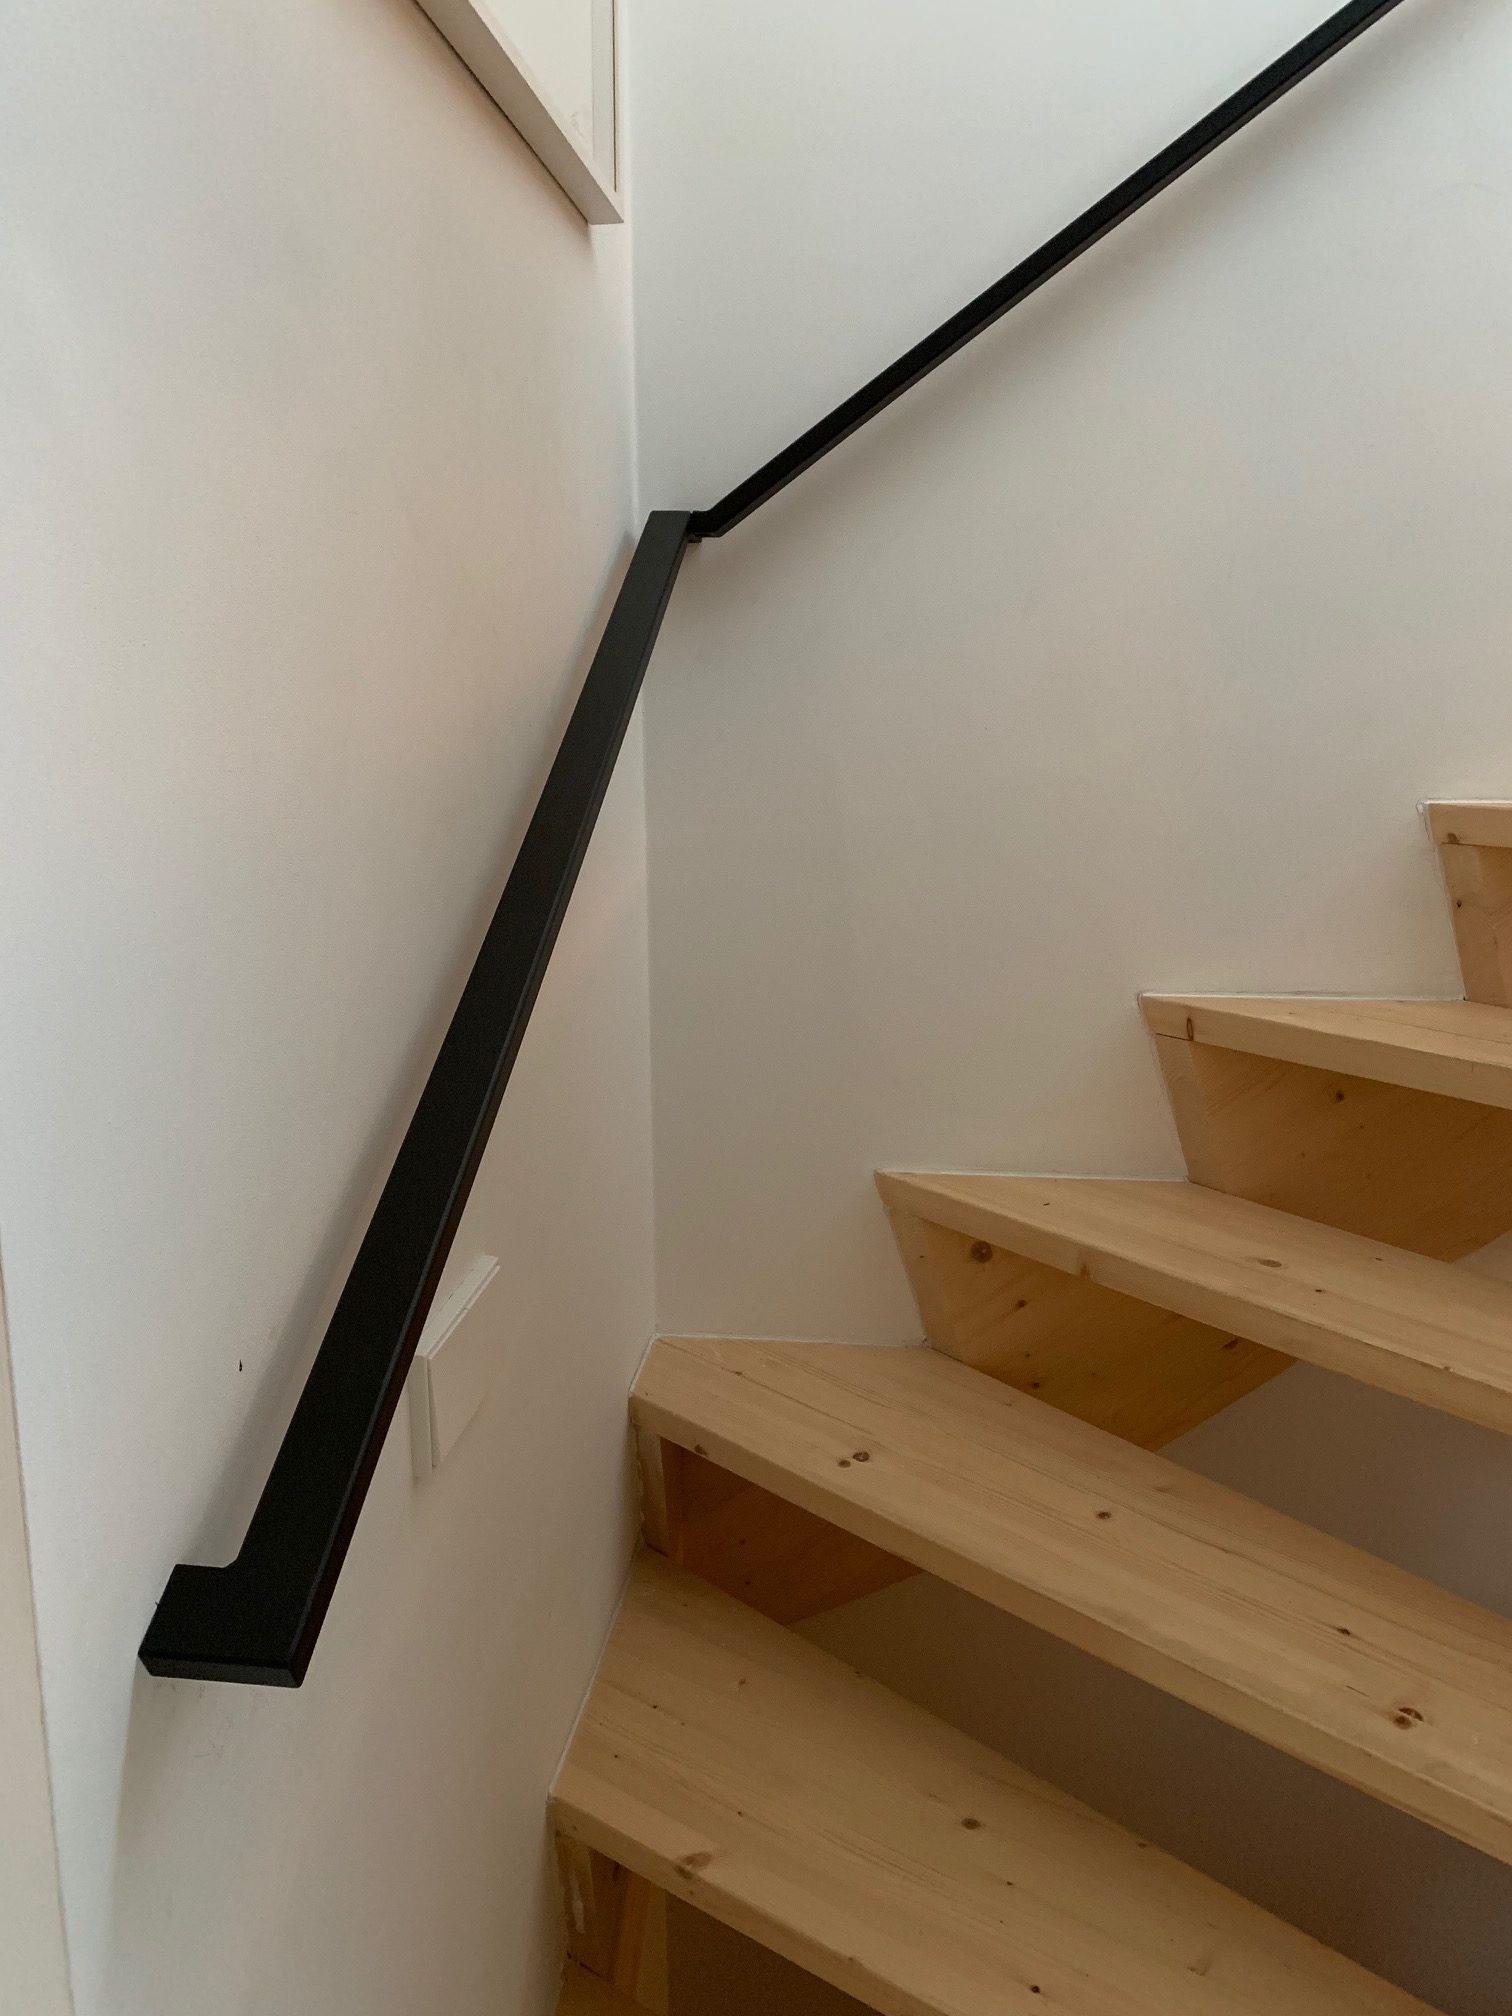 Doorlopende stalen trapleuning, matzwart gepoedercoat bij een houten trap